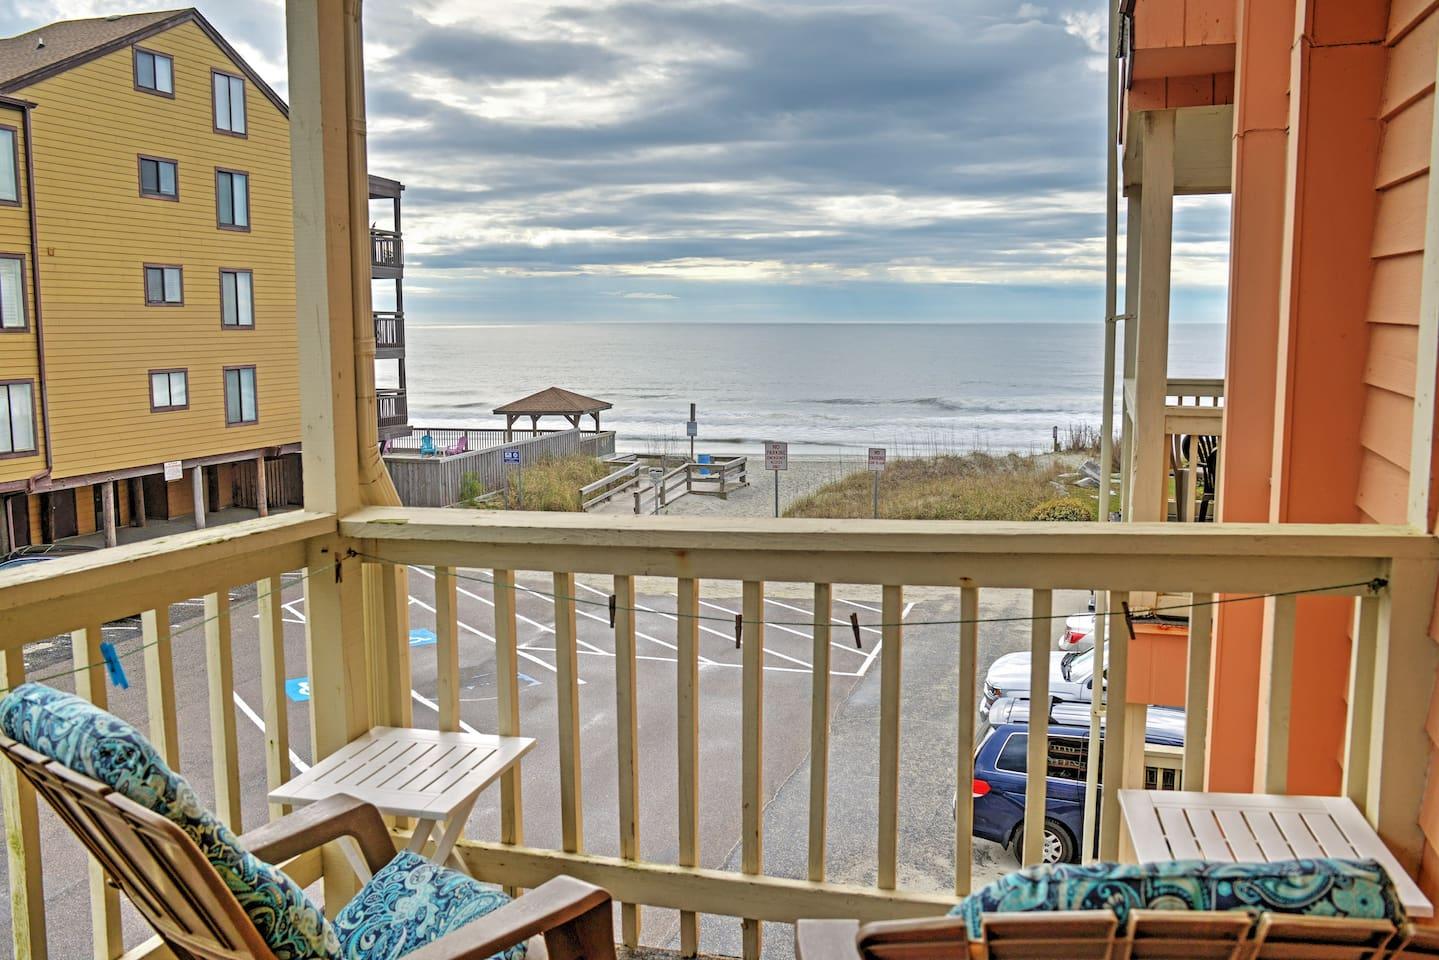 You'll simply adore this Garden City Beach vacation rental condo.